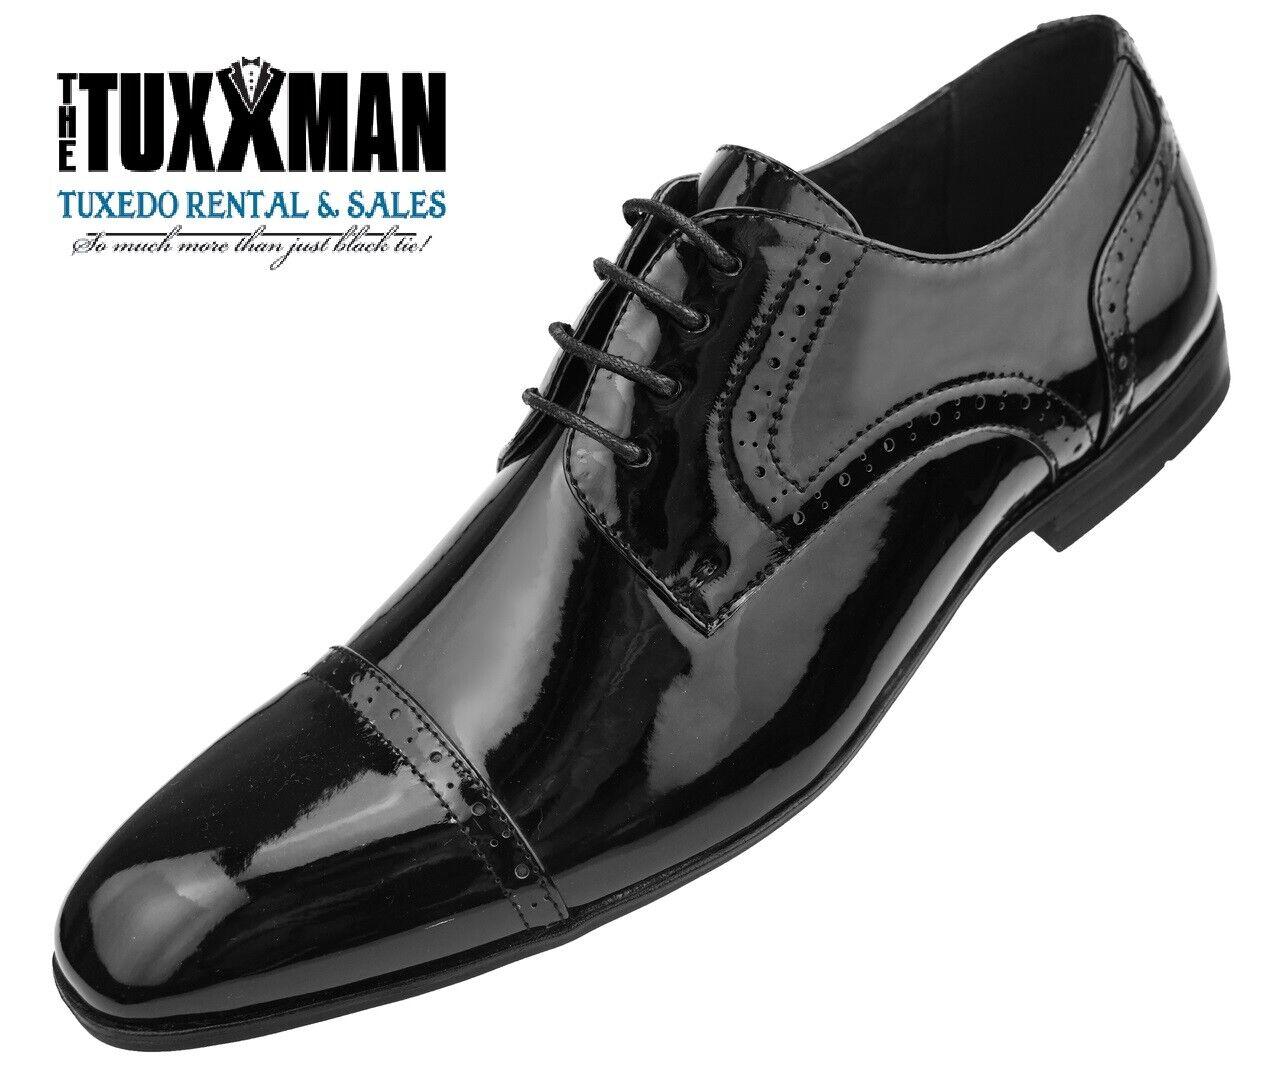 New Mens Black Patent Shiny Cap Toe Classic Tuxedo Dress shoes TUXXMAN Tux